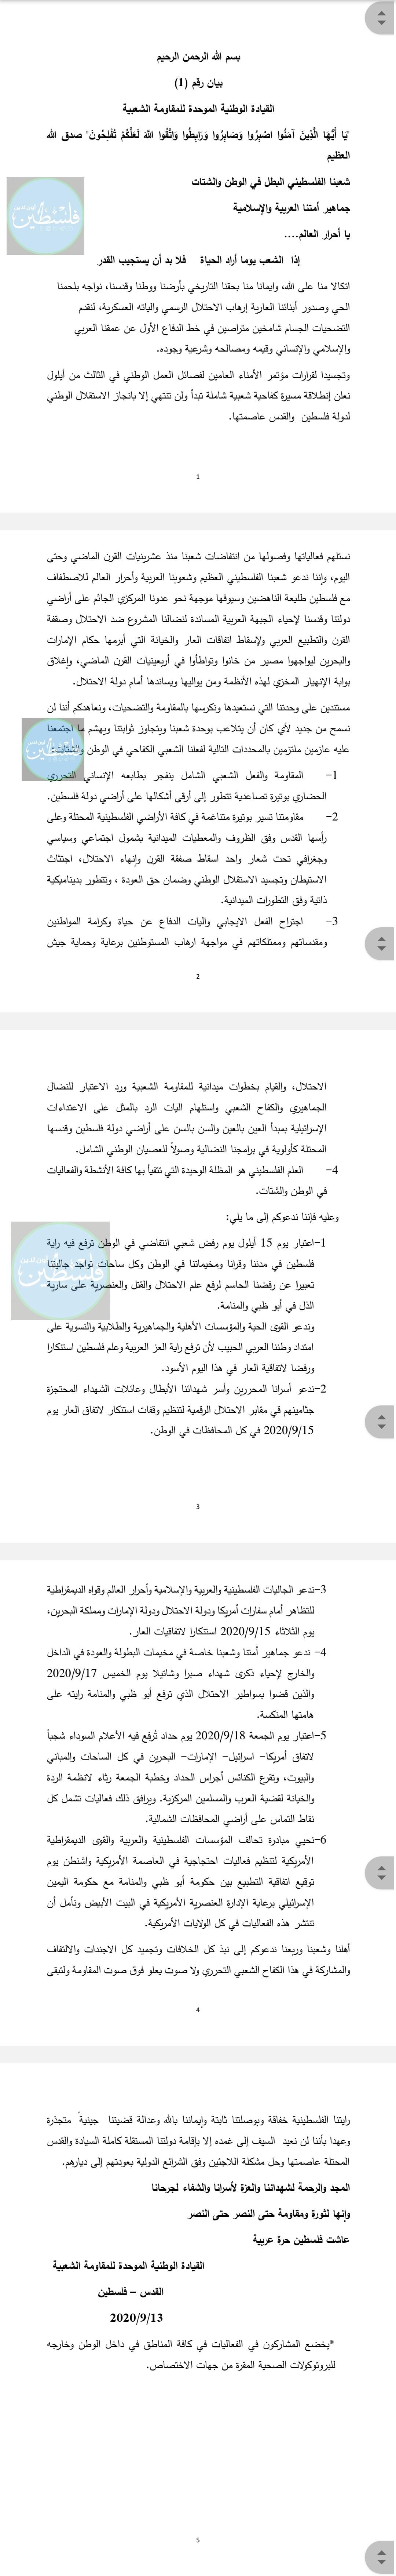 Screenshot_2020-09-13-00-20-55(2).jpg